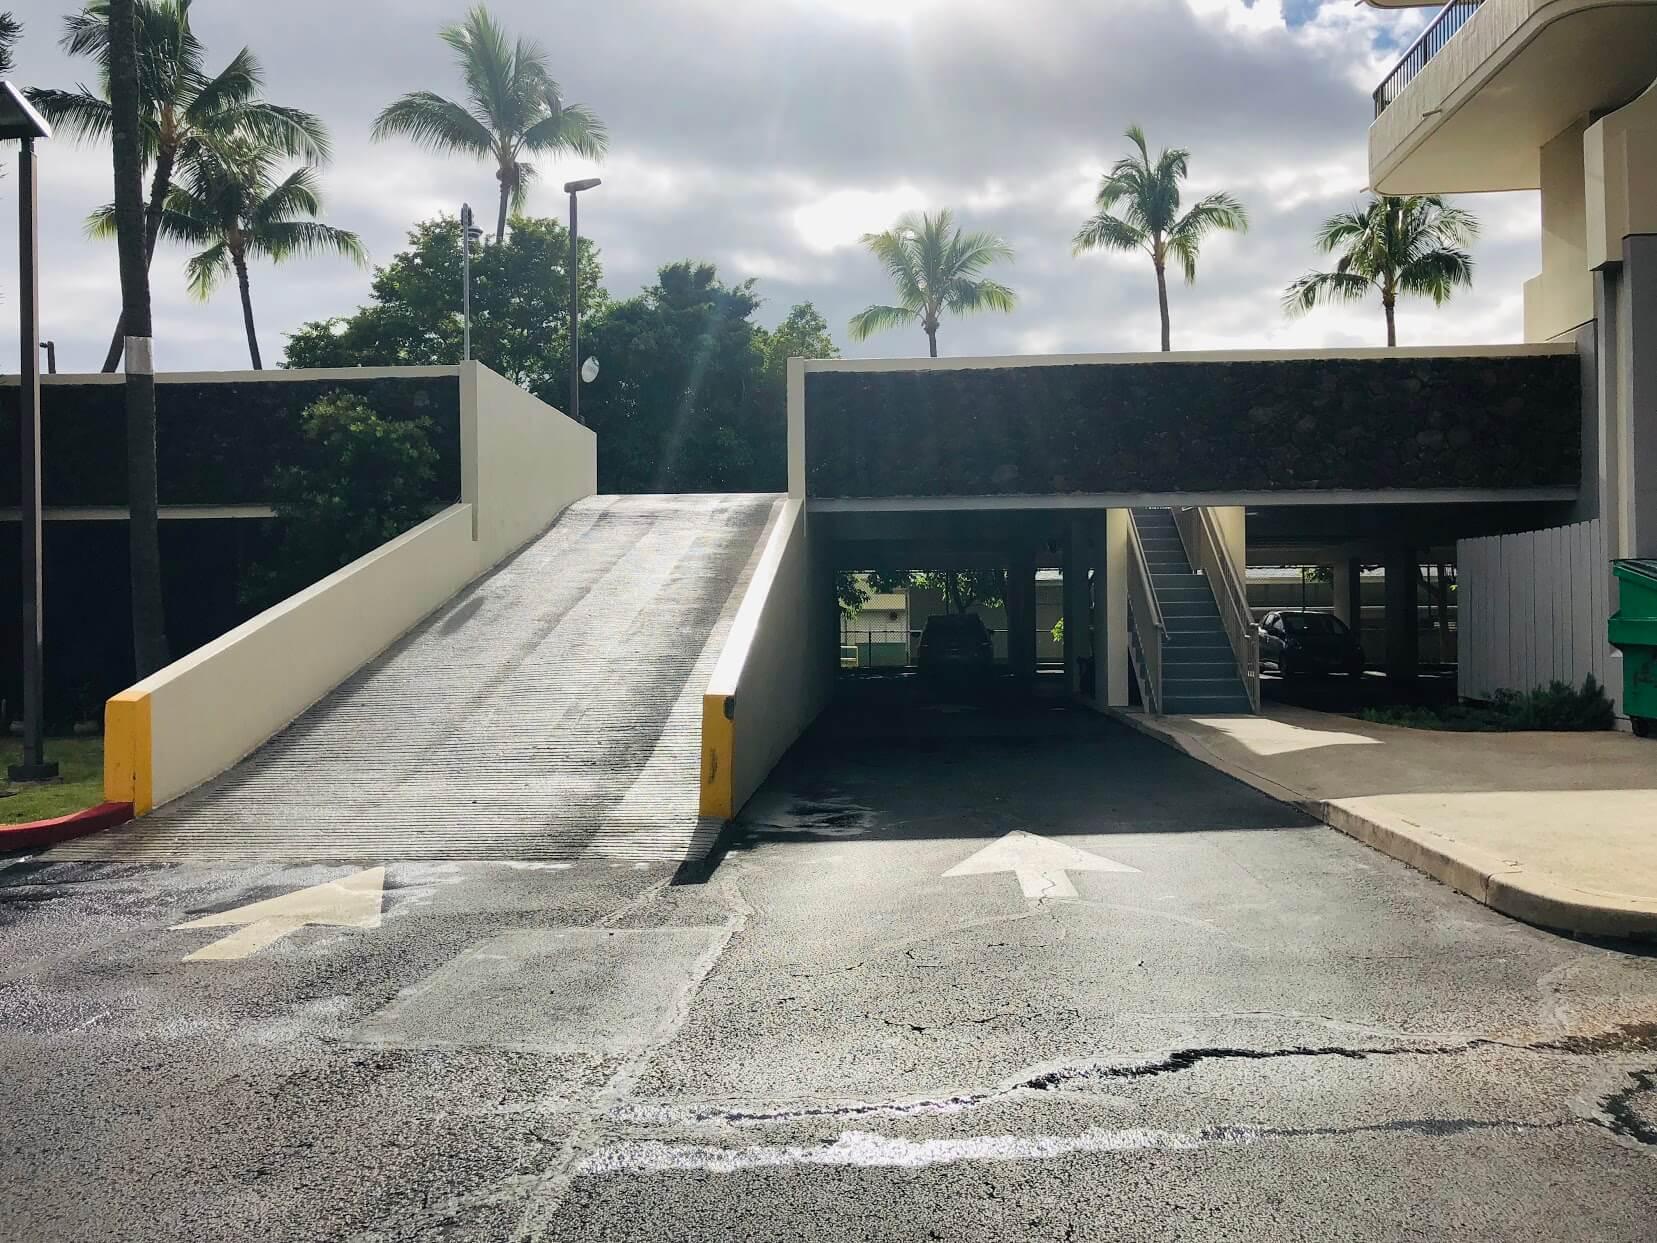 Contessaの駐車場